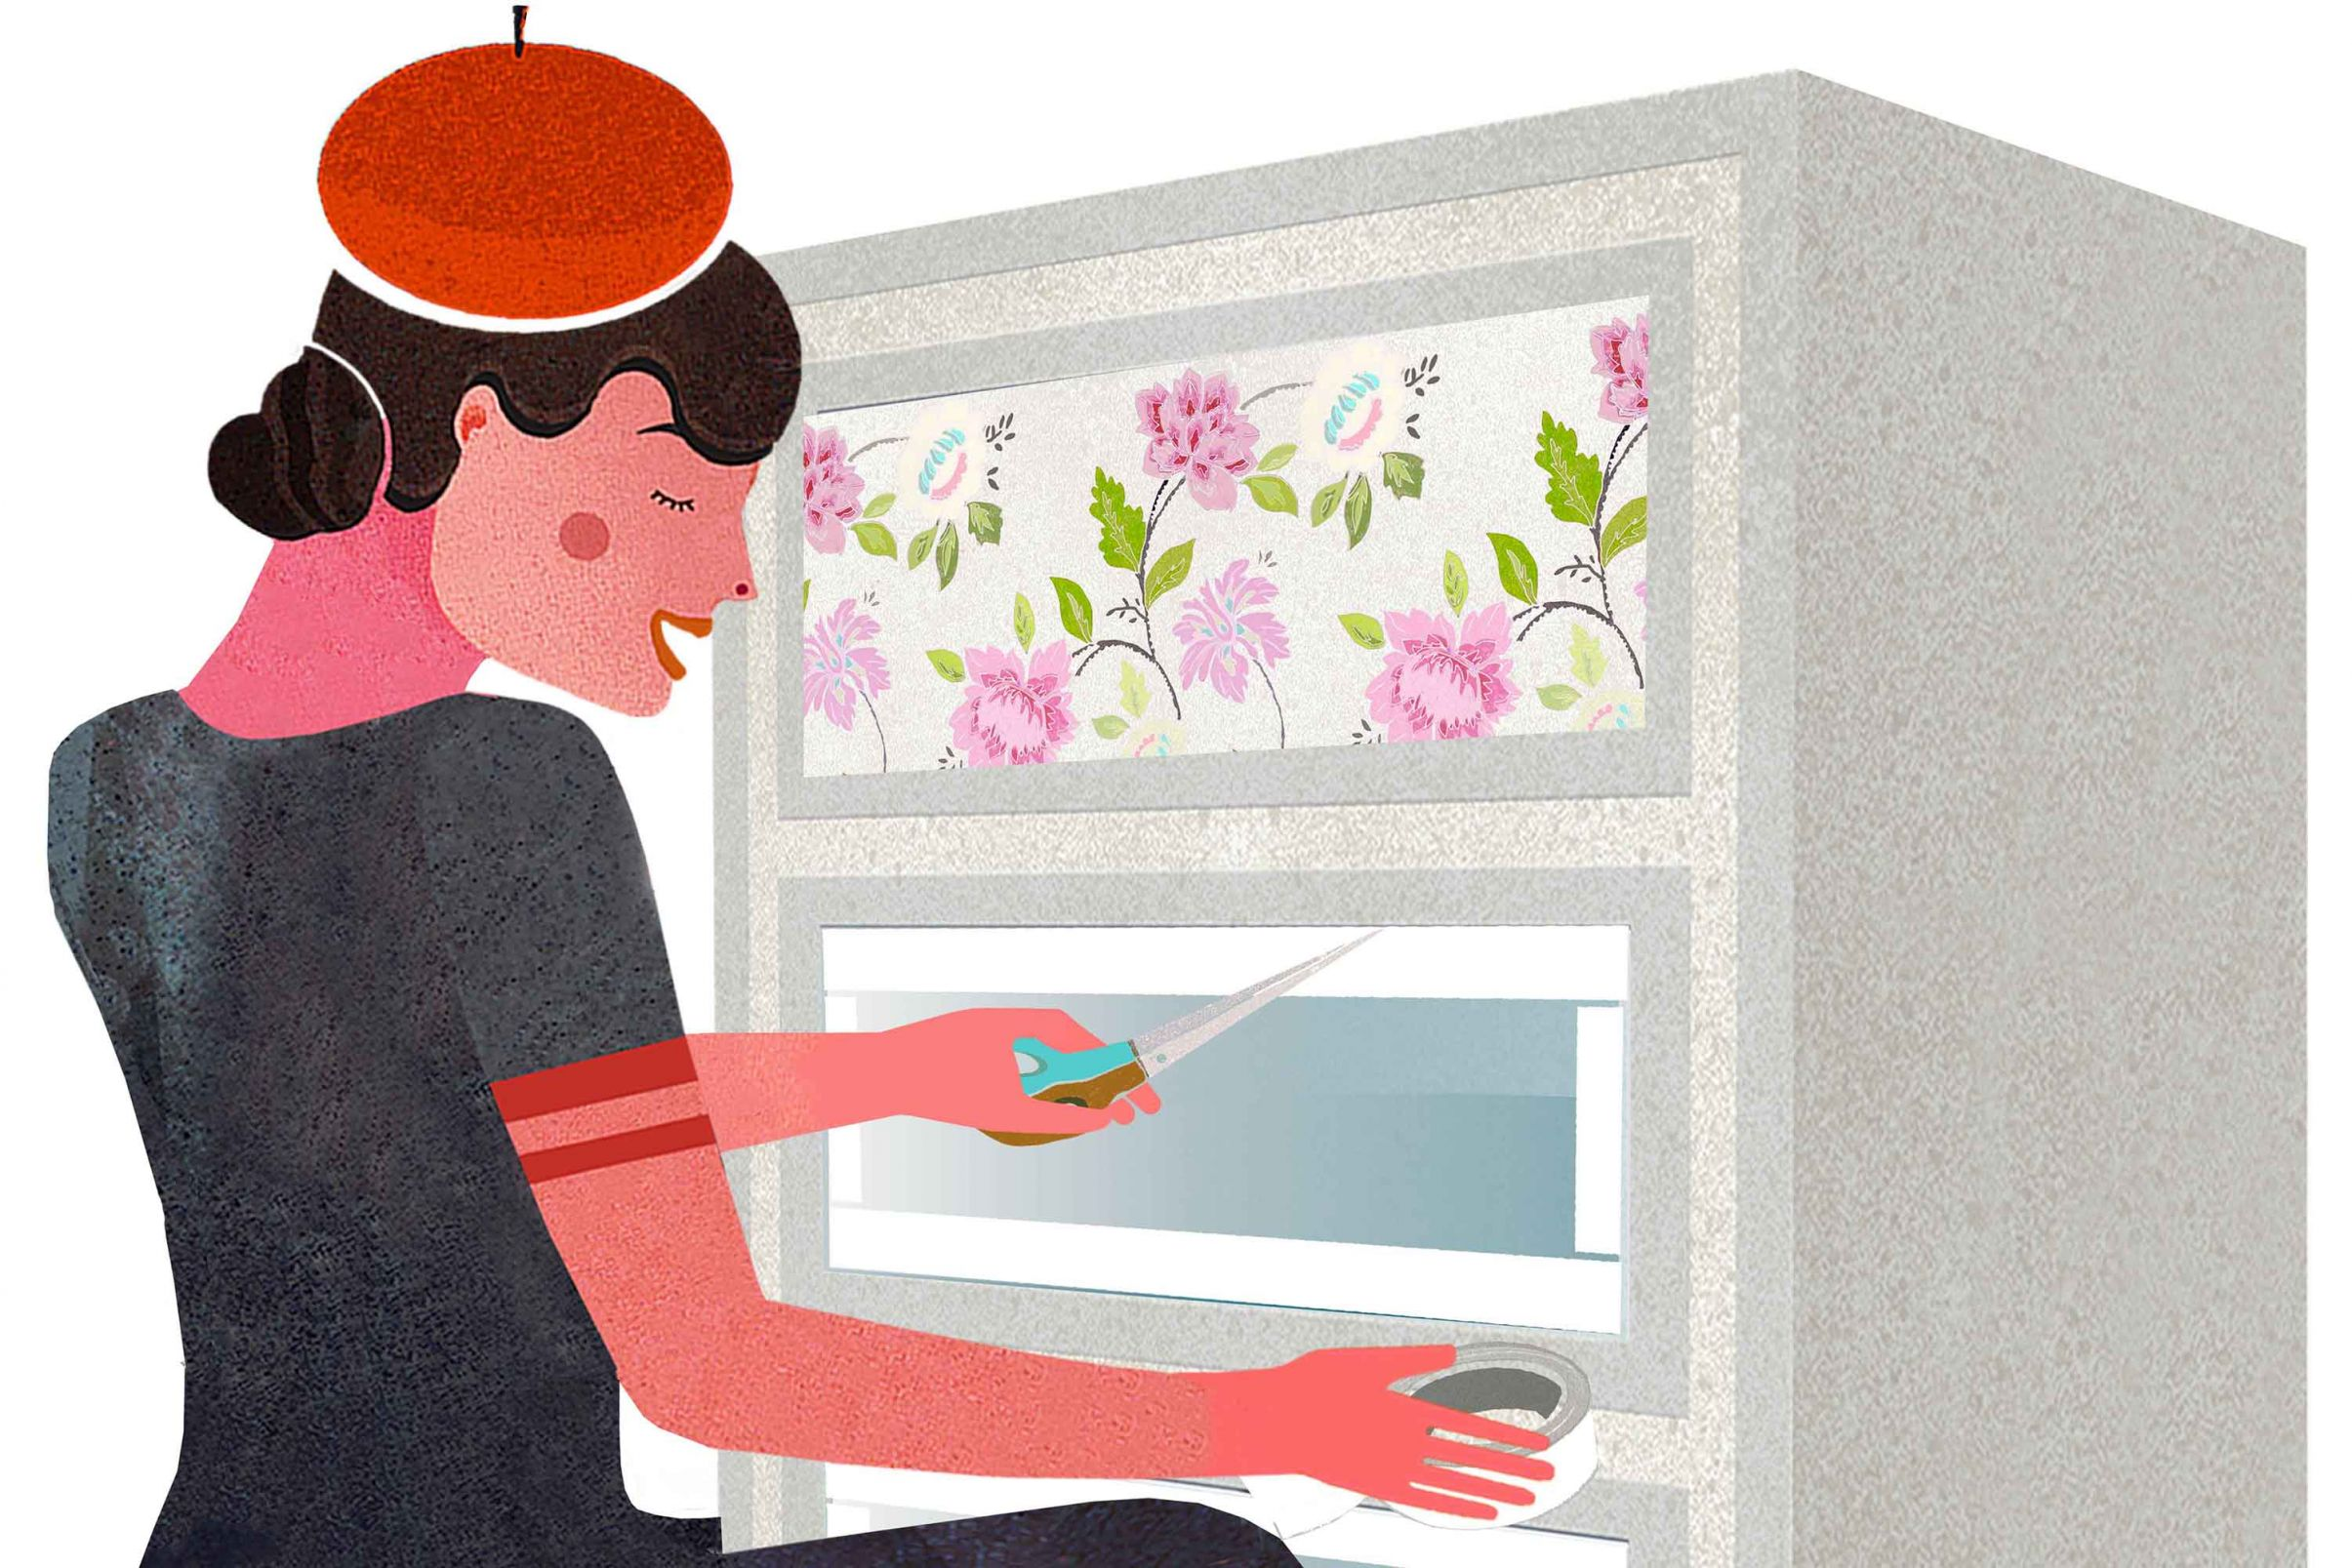 Come-decorare-i-vostri-mobili-con-la-carta-da-parati-Per-superfici-in-vetro-usate-nastro-biadesivo